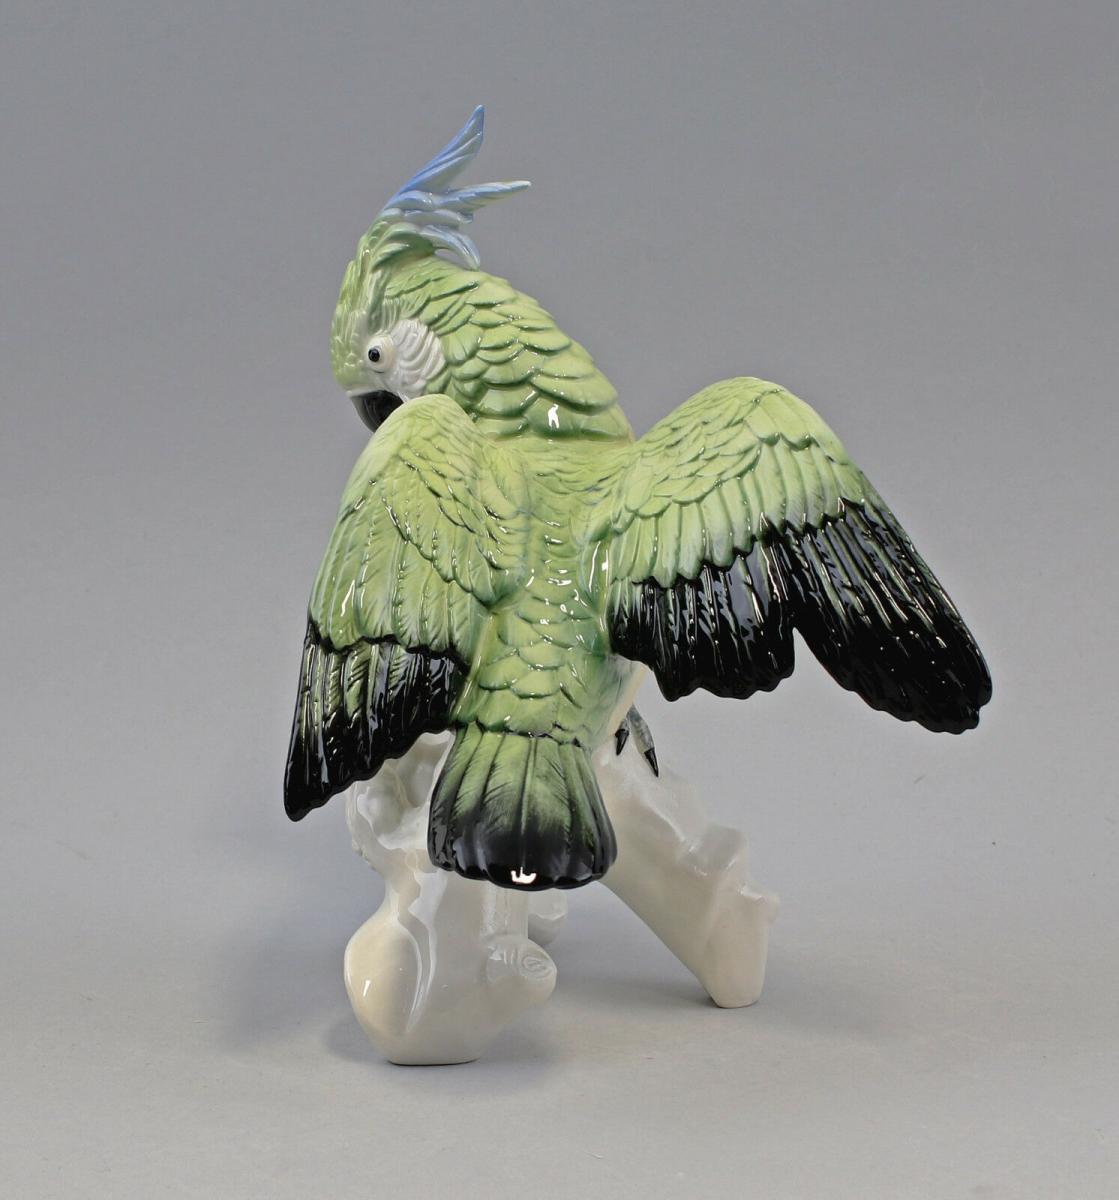 9959090 Porzellan Figur Kakadu fliegend hellgrün gelb Ens 23x20 cm 1